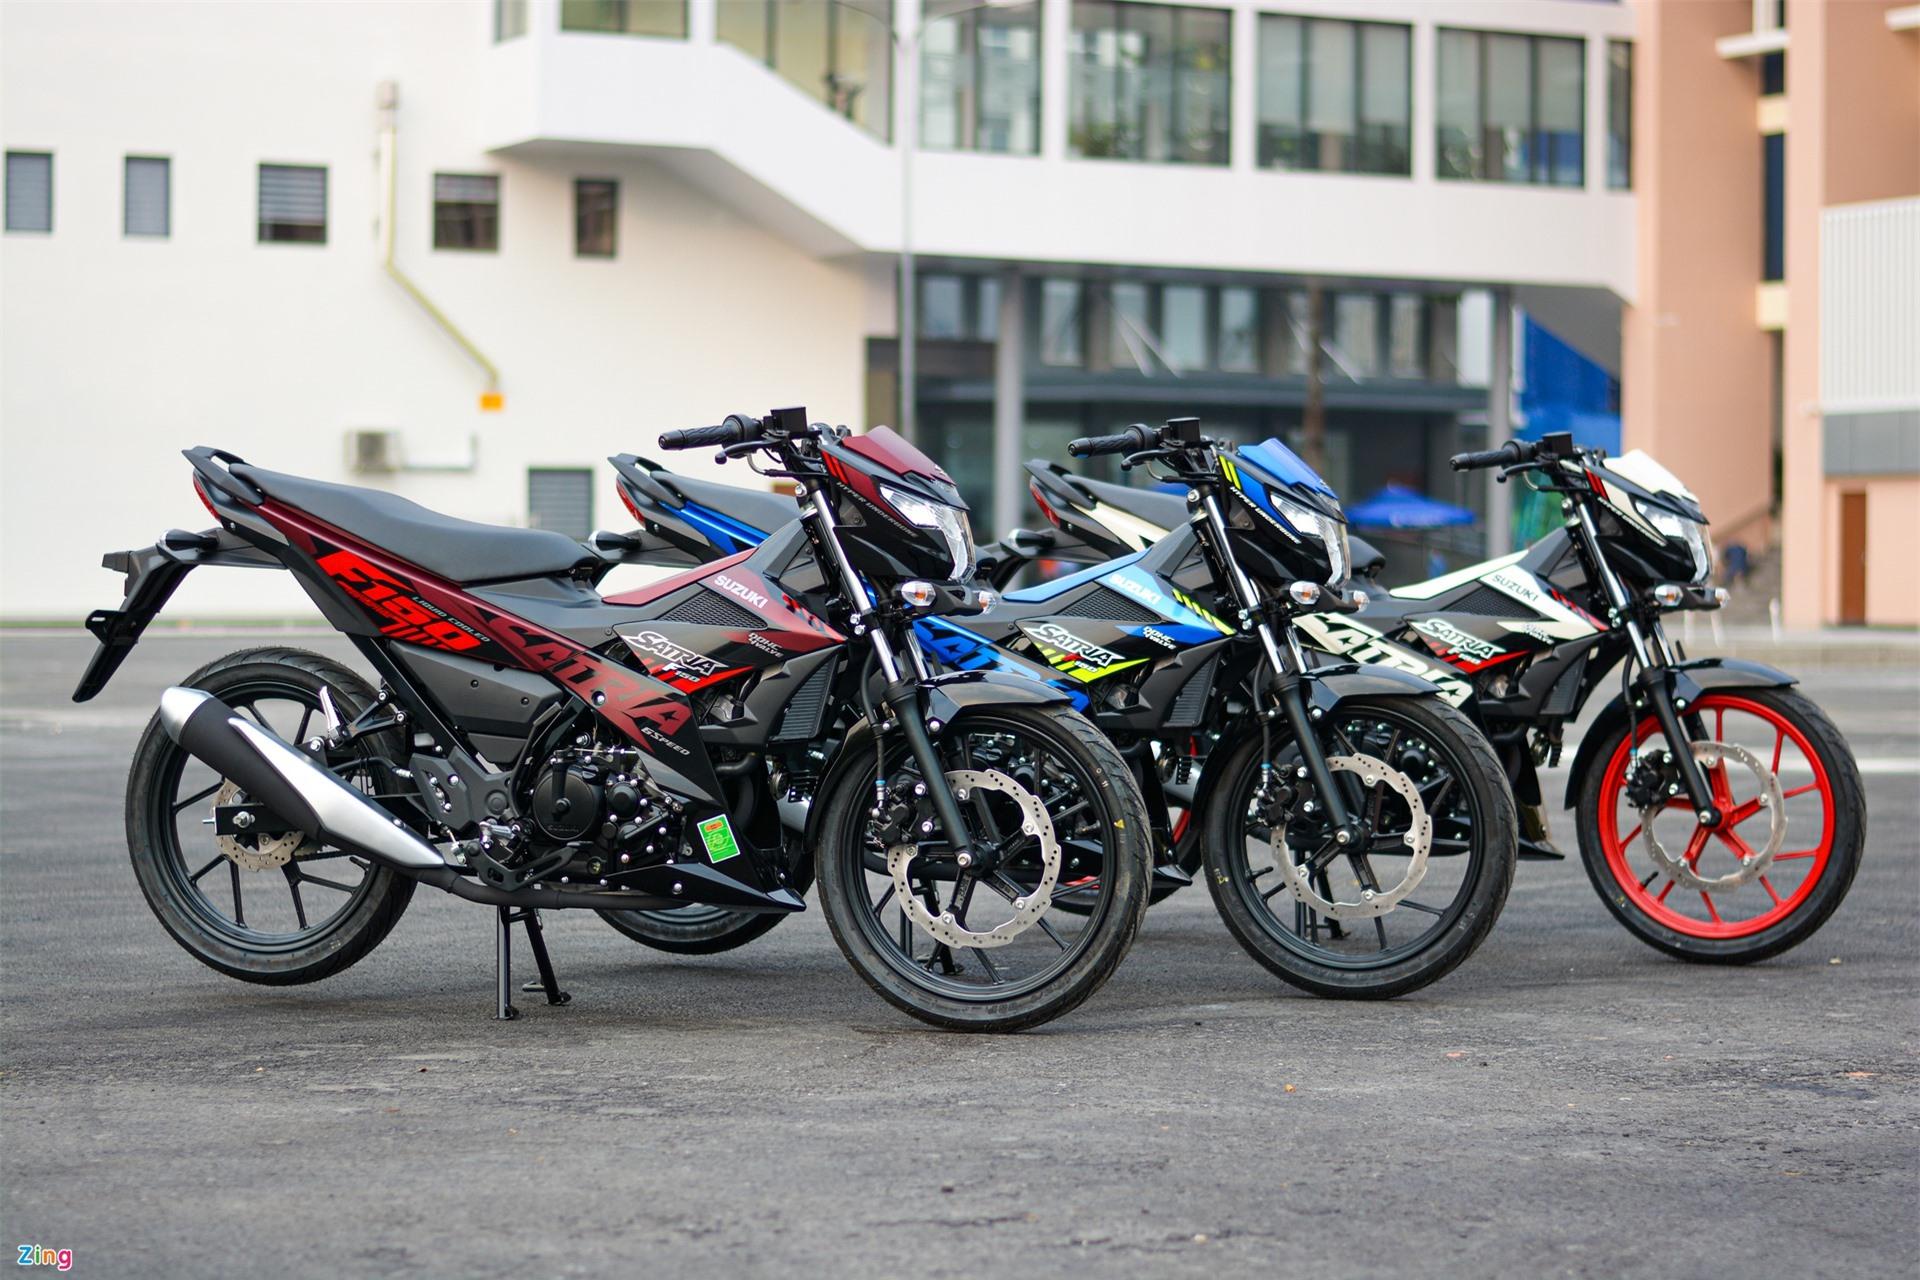 Nhiều xe máy được giảm giá trong tháng 7 âm lịch, cao nhất 7 triệu - Hình 3